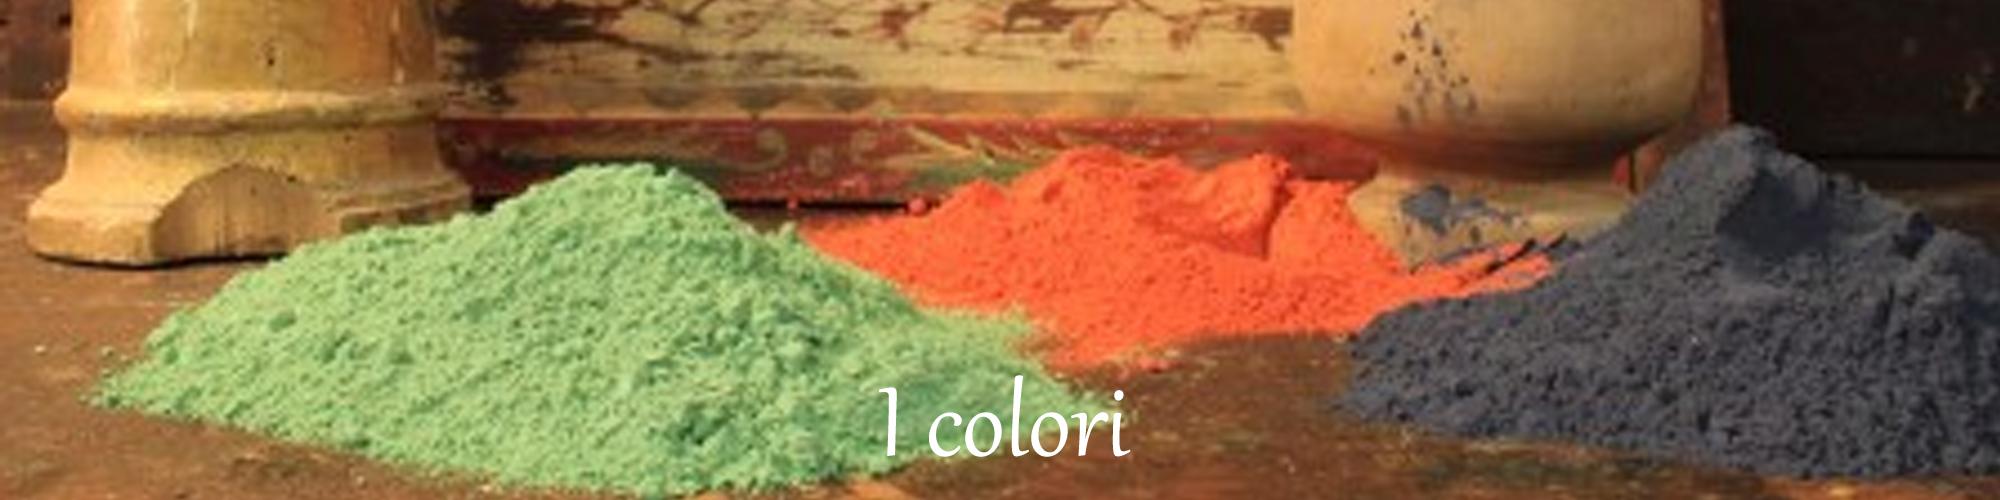 libro arte cennino cennini colori